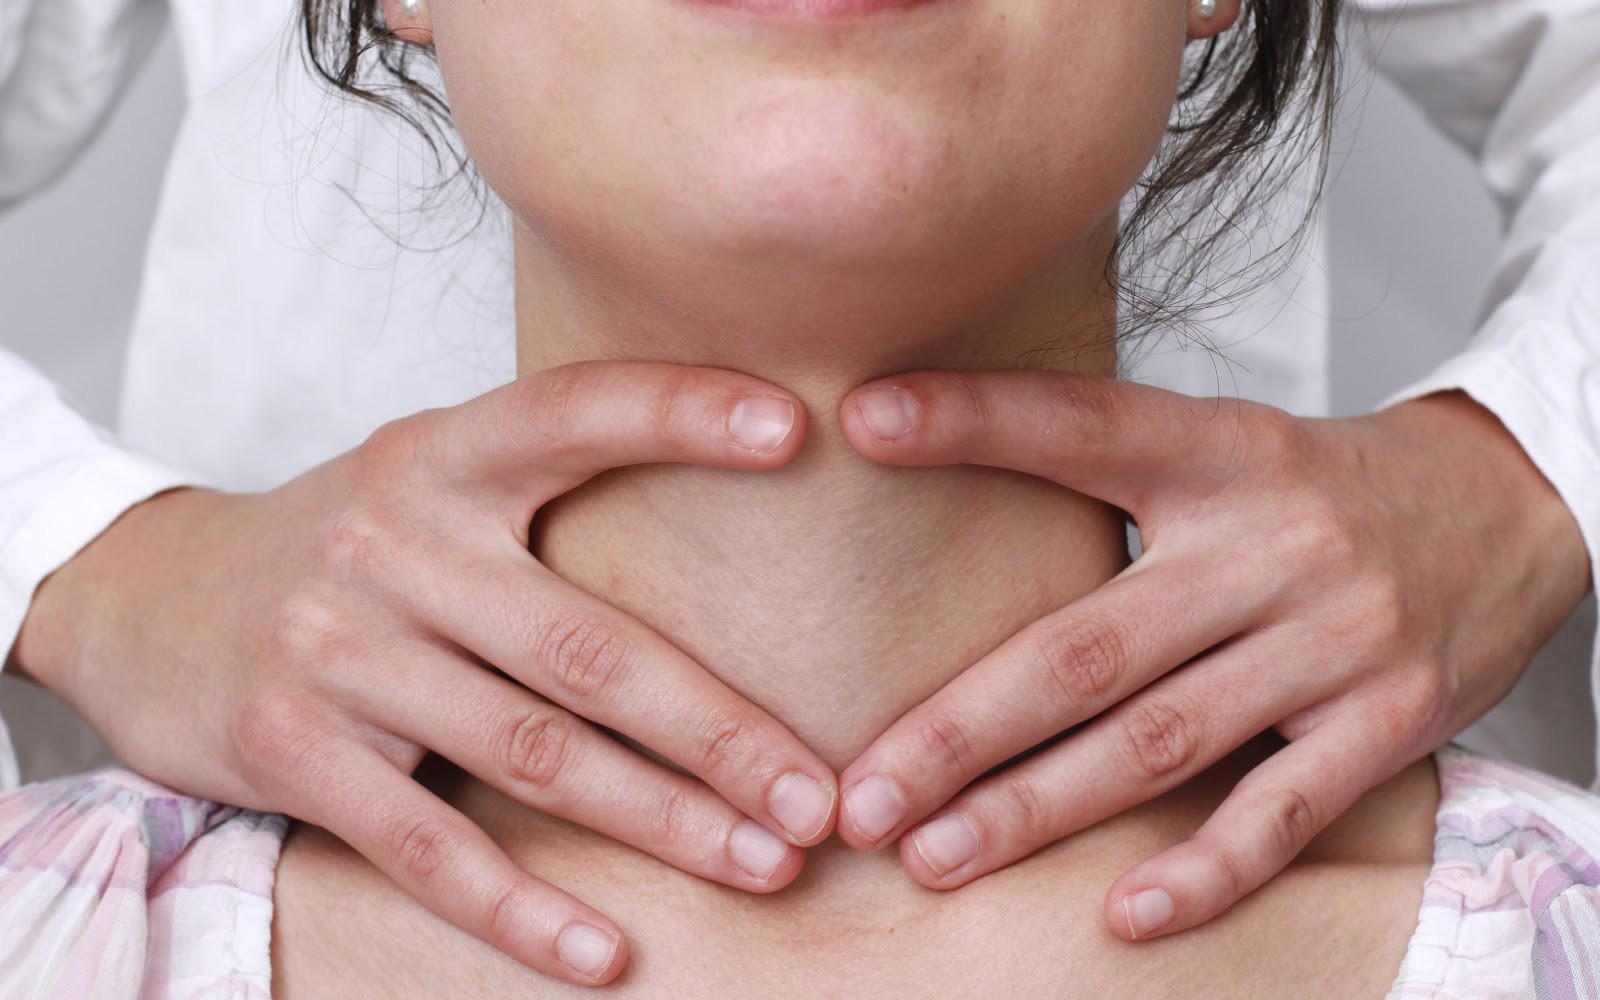 """Có 1 loại ung thư đặc biệt """"ưa thích"""" 5 kiểu phụ nữ, cần xét nghiệm di truyền để ngăn ngừa và phát hiện bệnh sớm"""